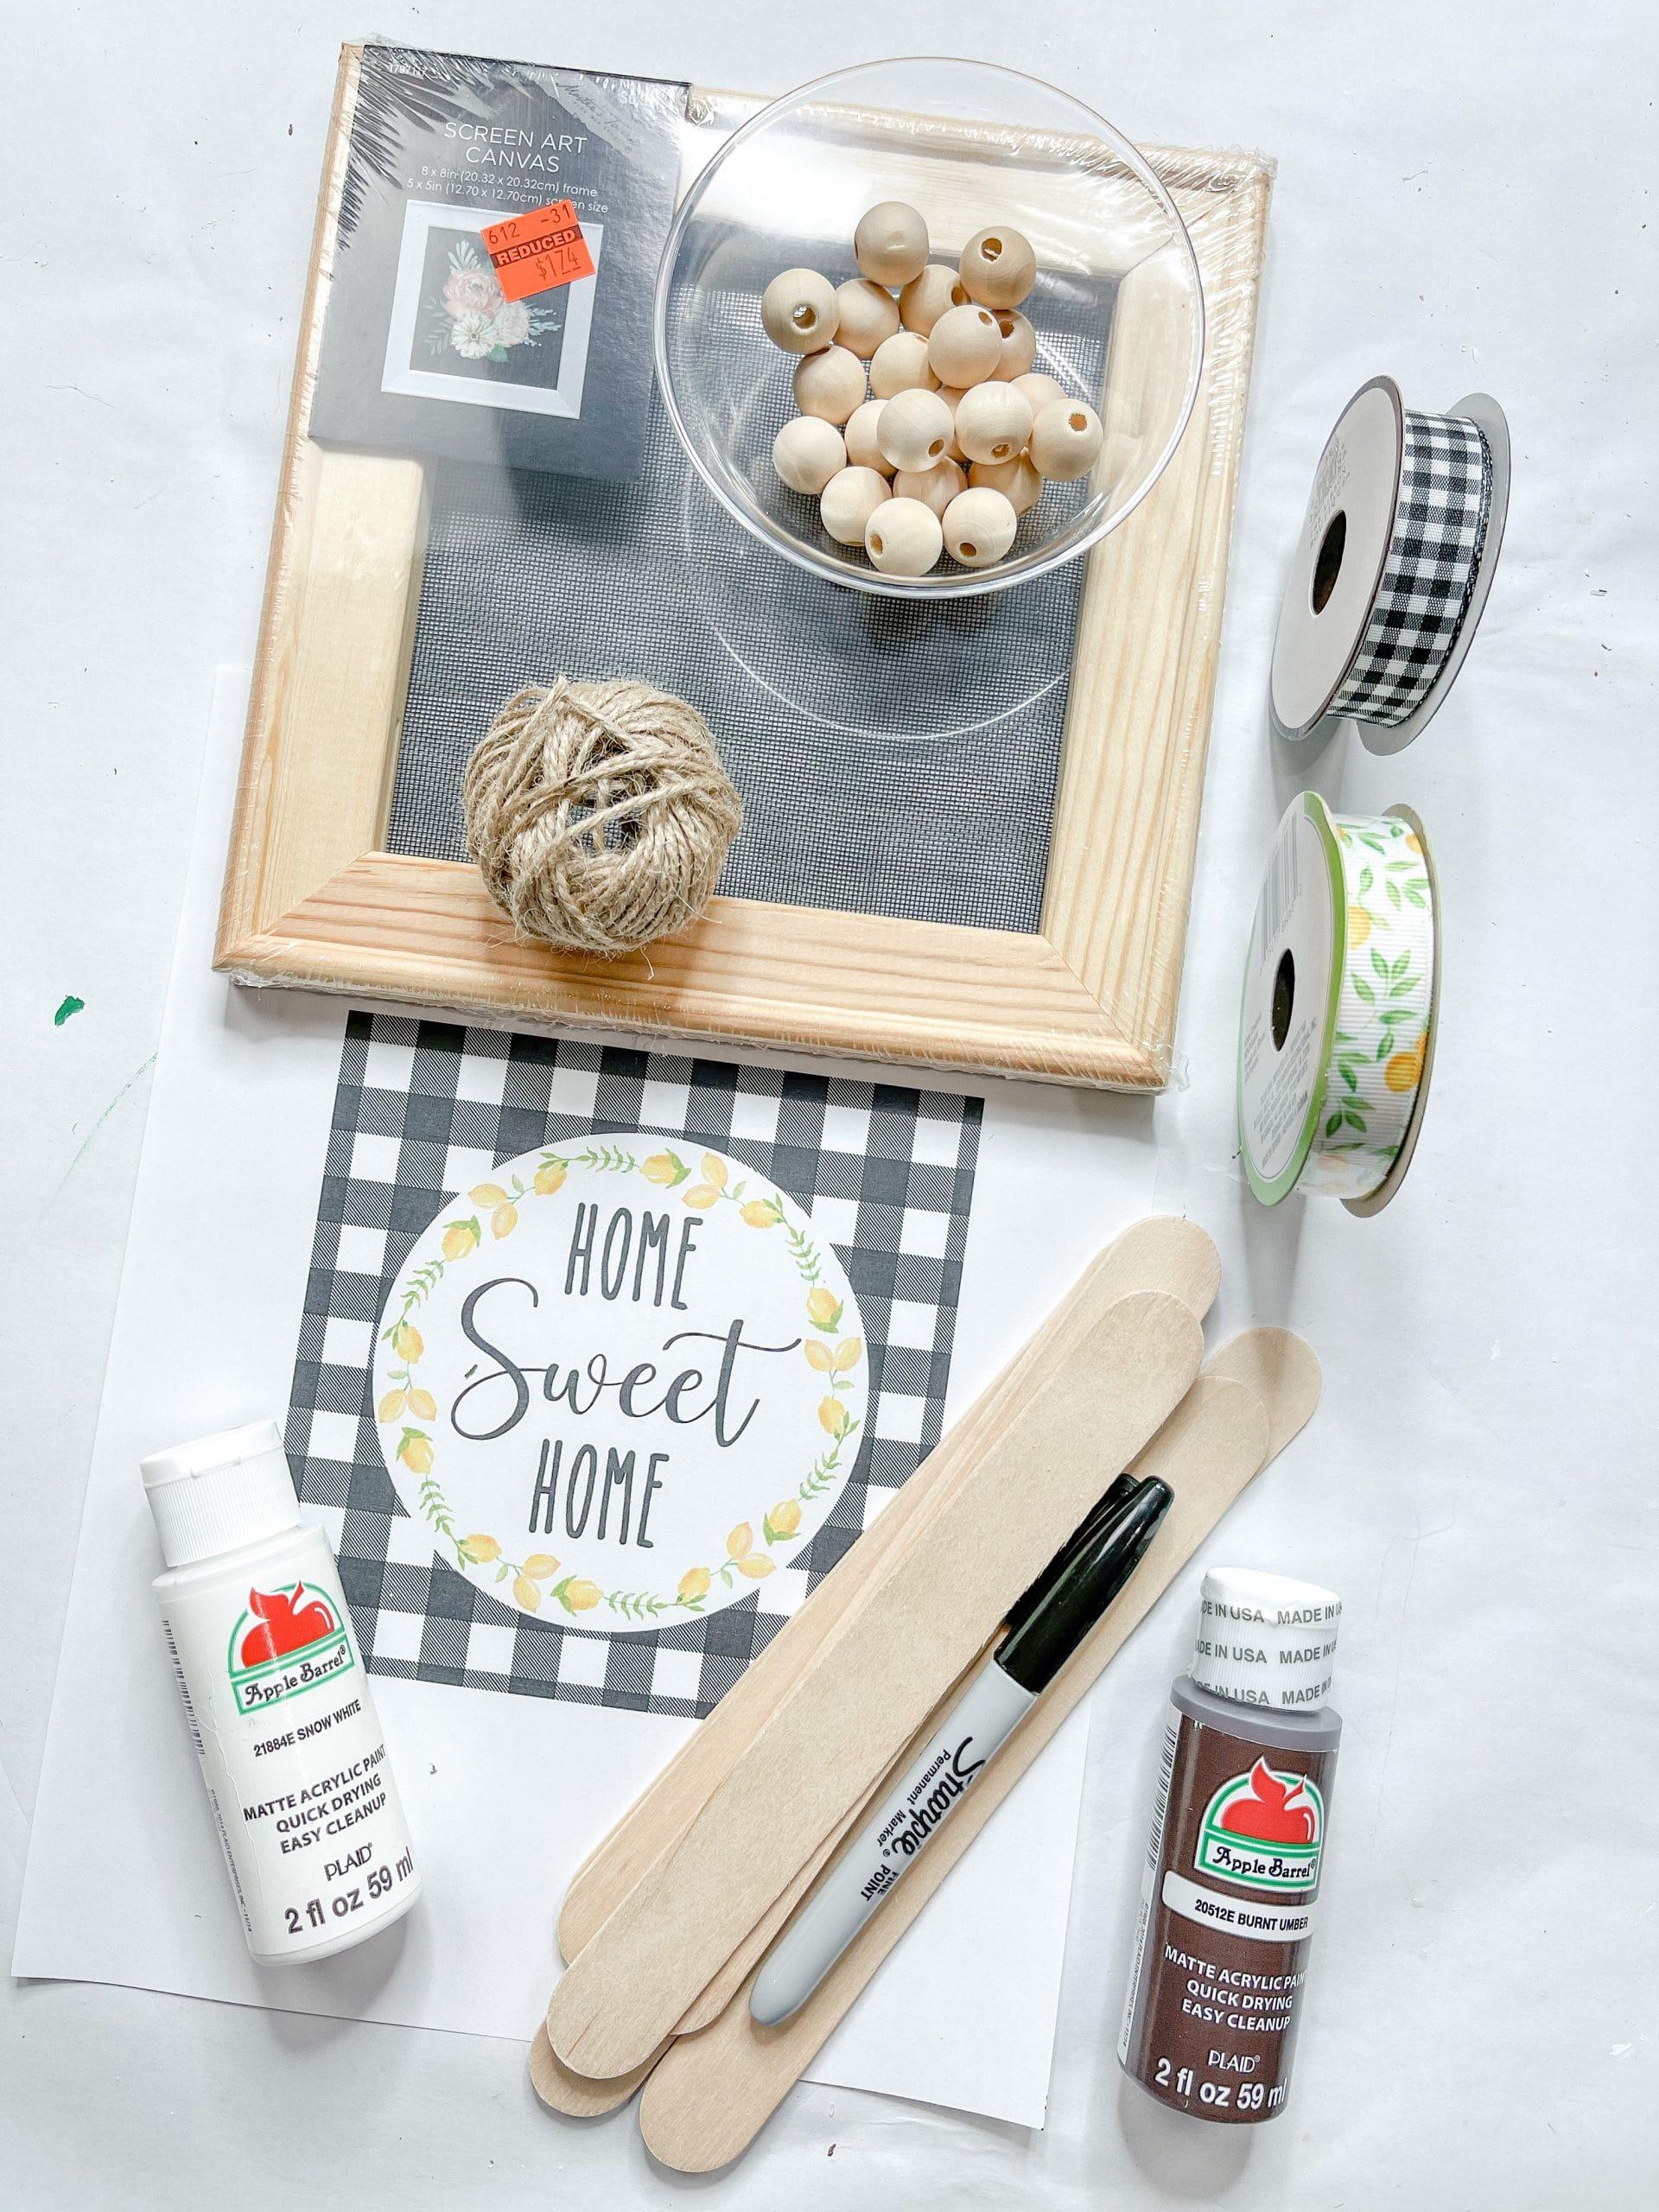 Home Sweet Home Lemon Printable DIY Decor Supplies